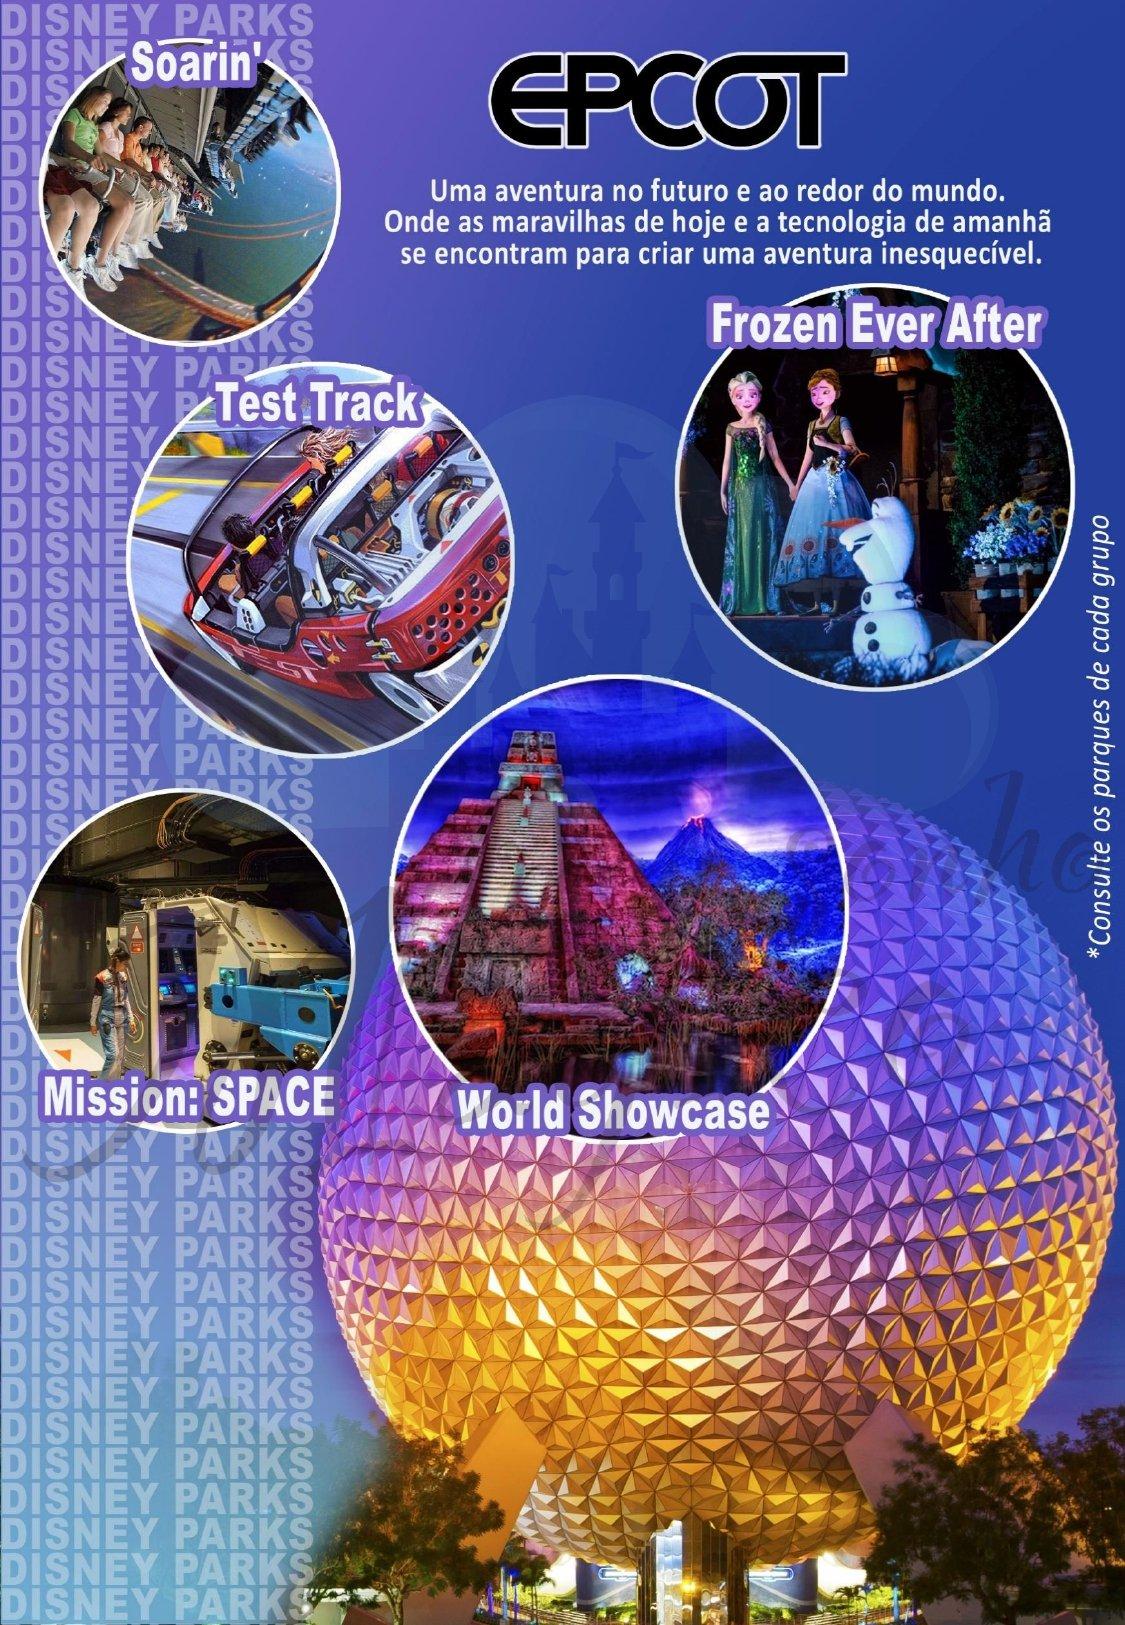 Grupo Family Inverno - Disney Janeiro 2022 9